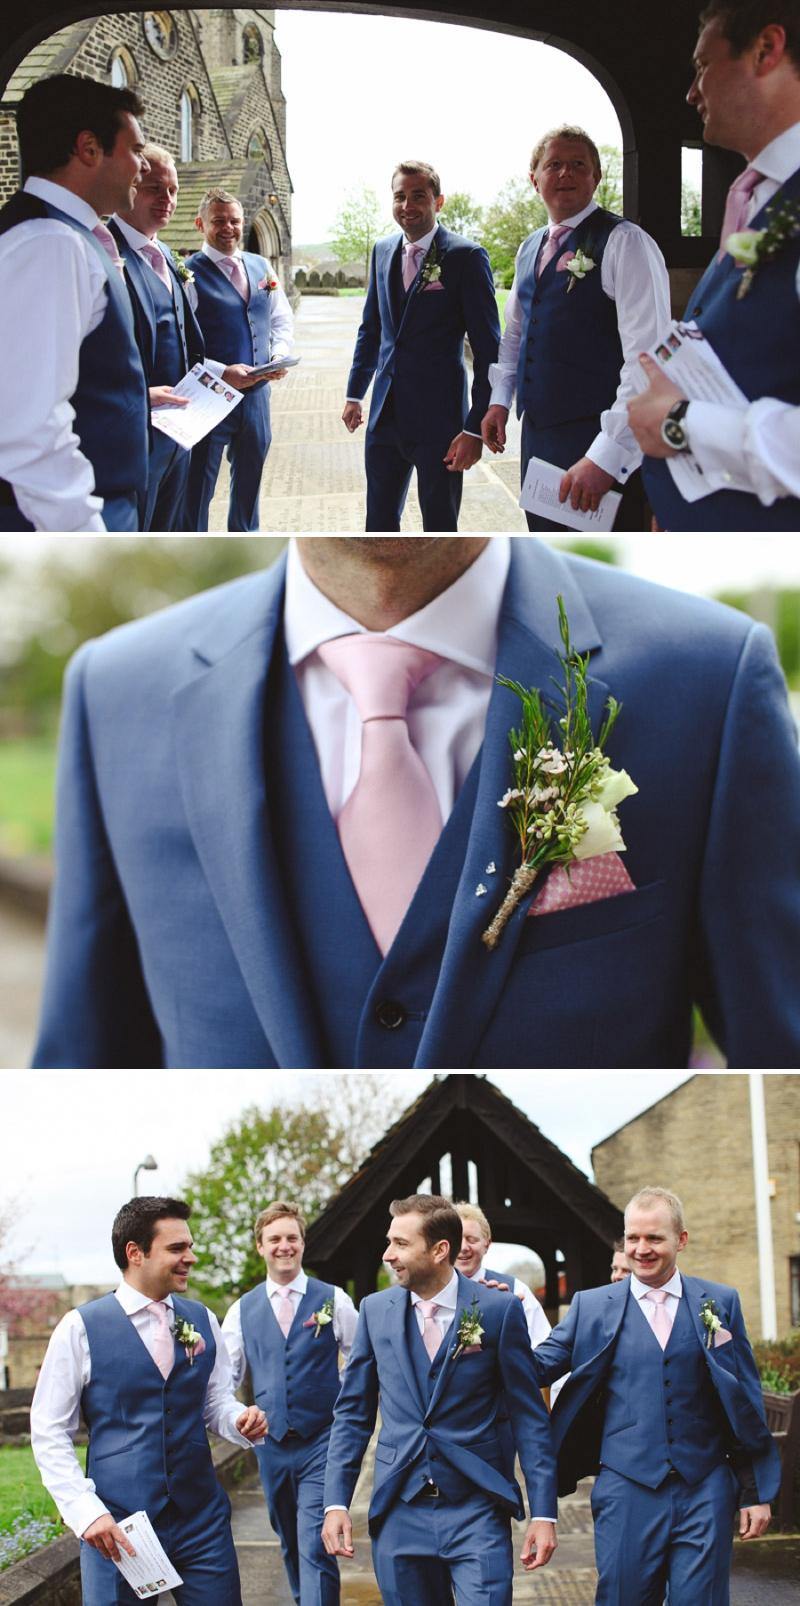 dusty blue tie photo - 1